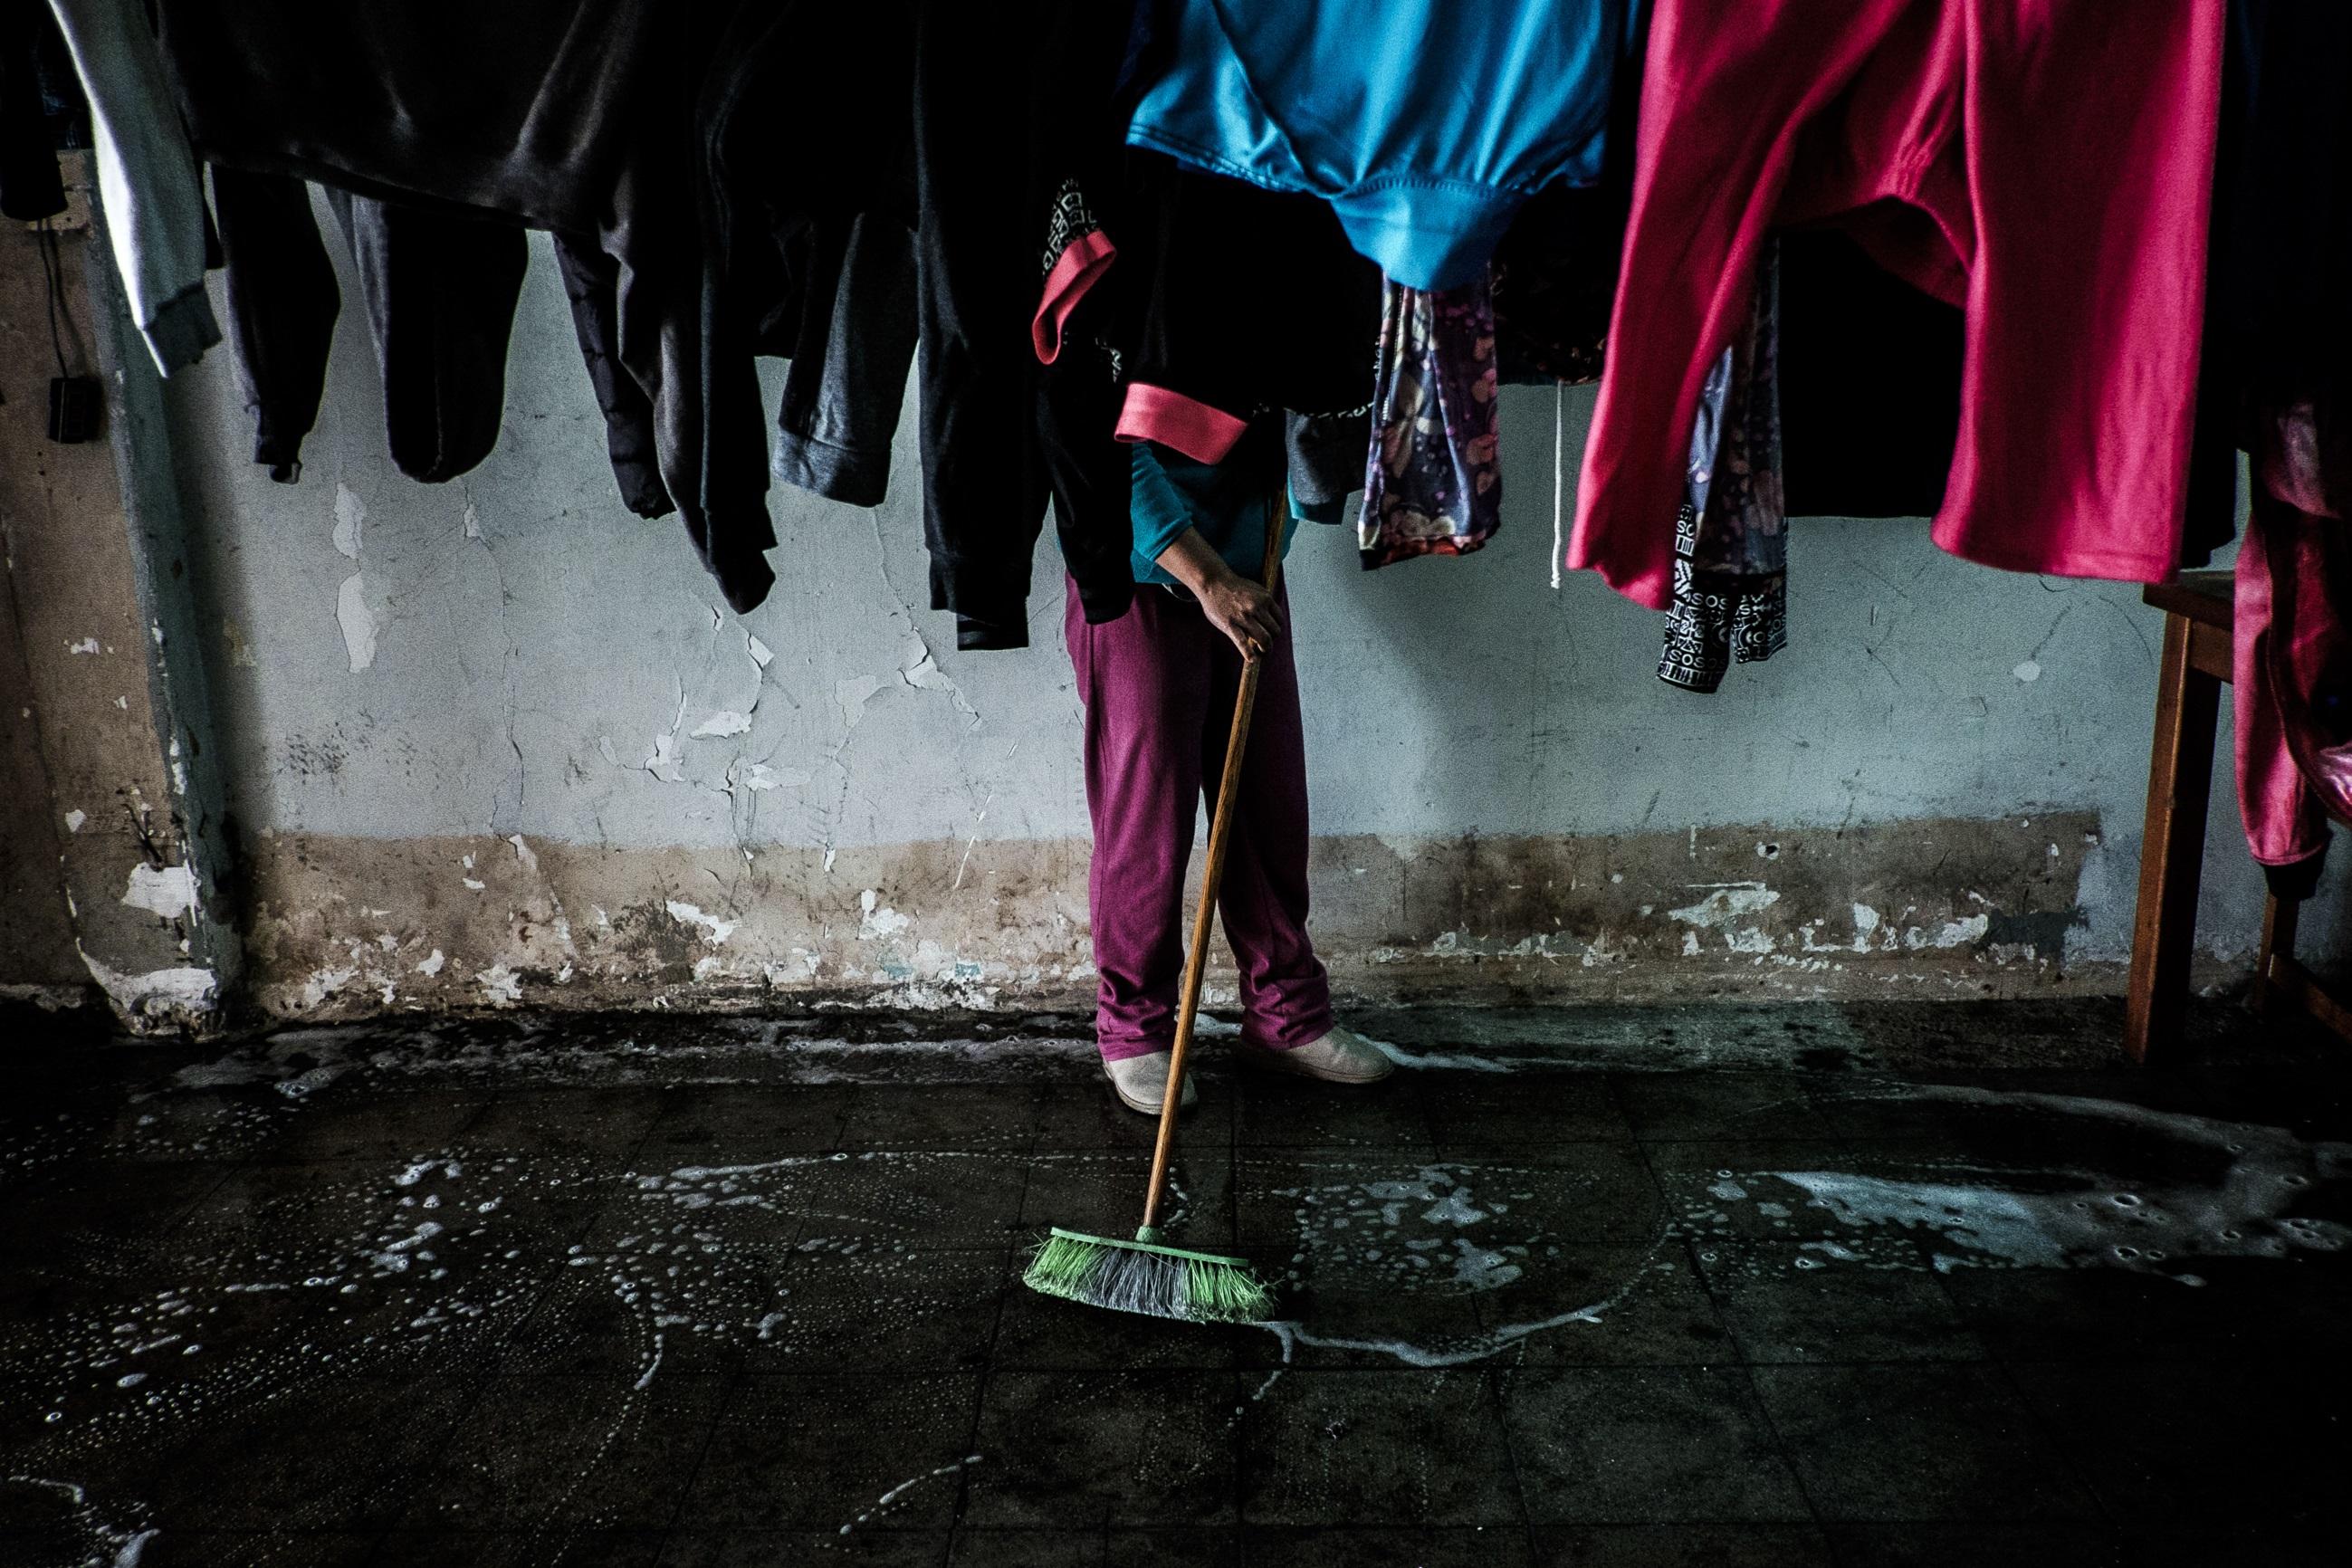 Una mujer escobilla el suelo entremedio de la ropa colgada en el primer piso. Foto: Jorge Vargas | Migrar Photo